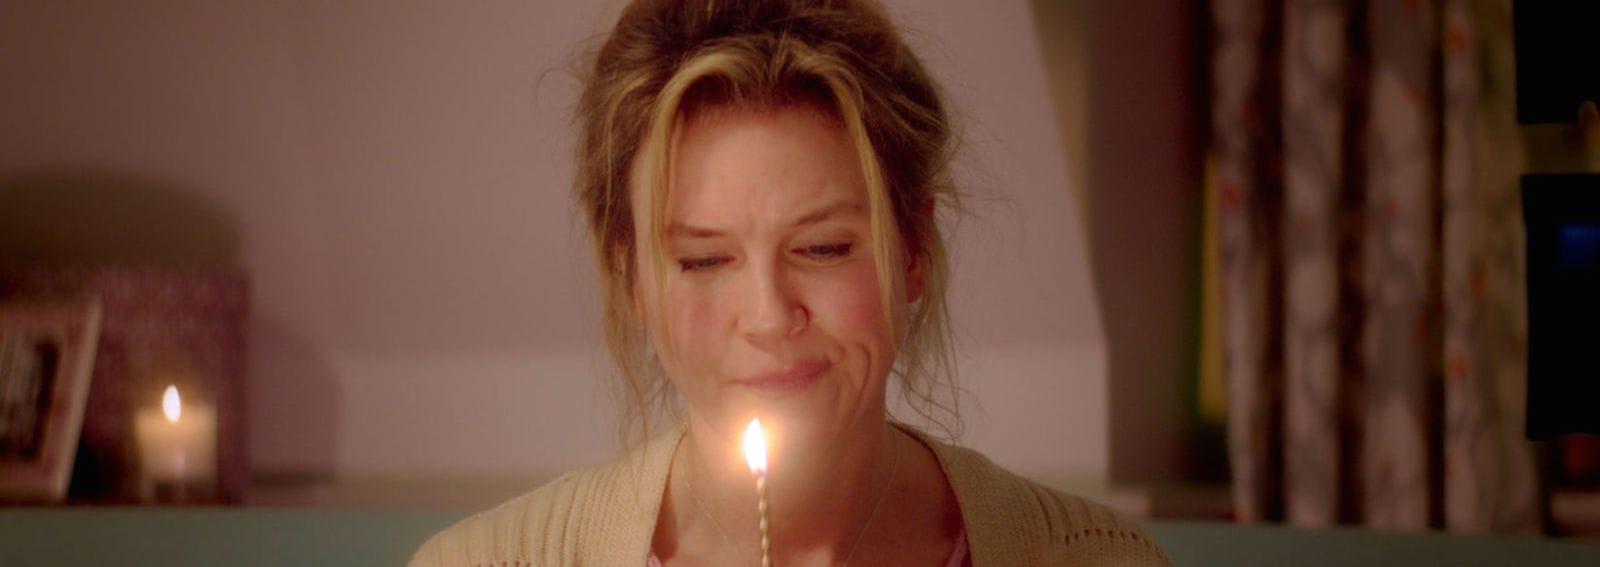 Bridget Jones compleanno